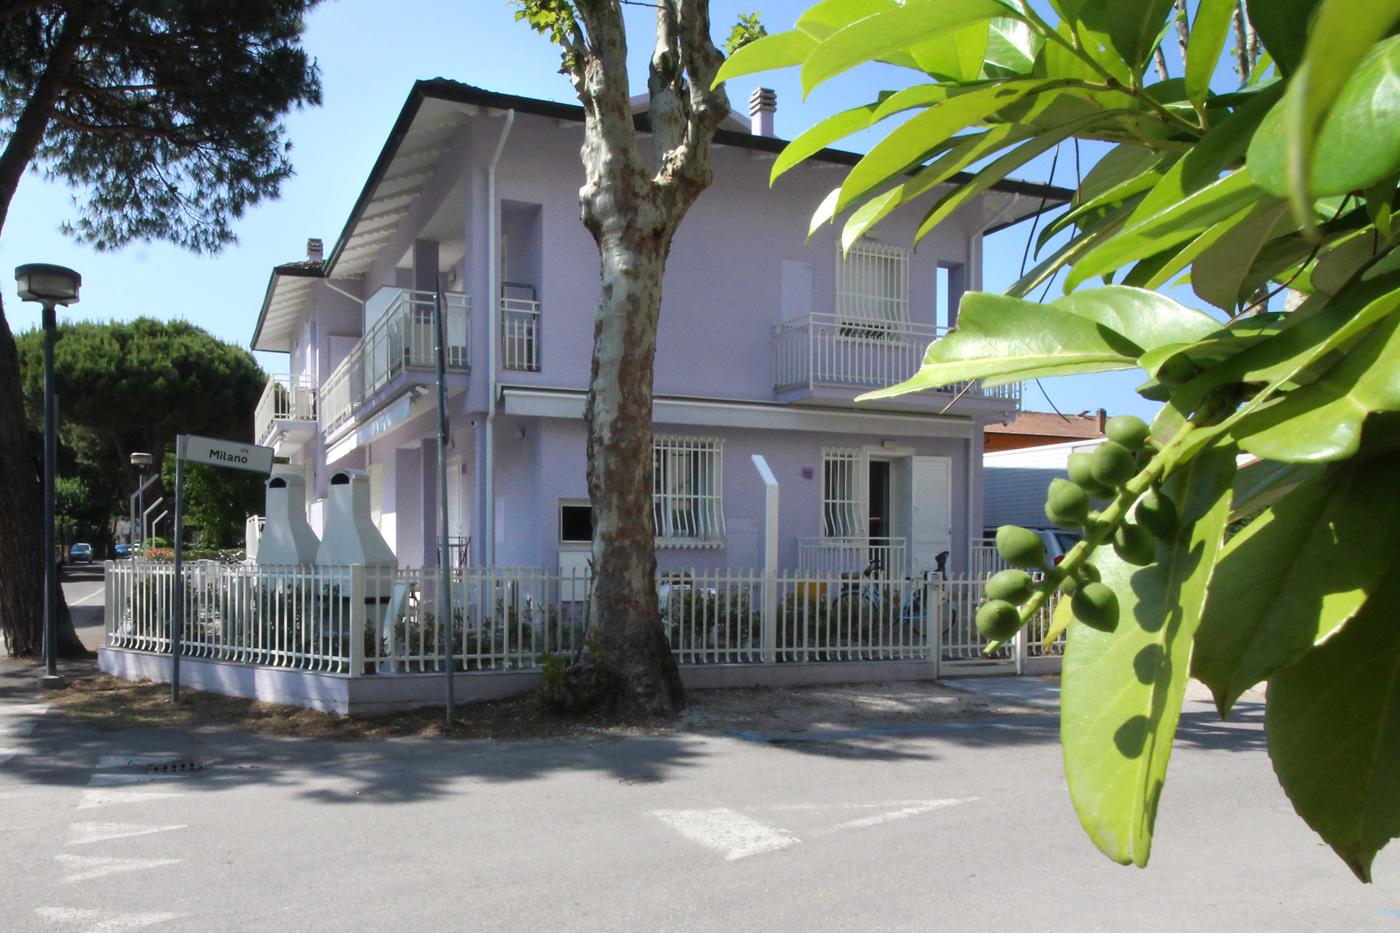 Appartamento thomas romagna case vacanze san mauro mare gatteo mare_8849